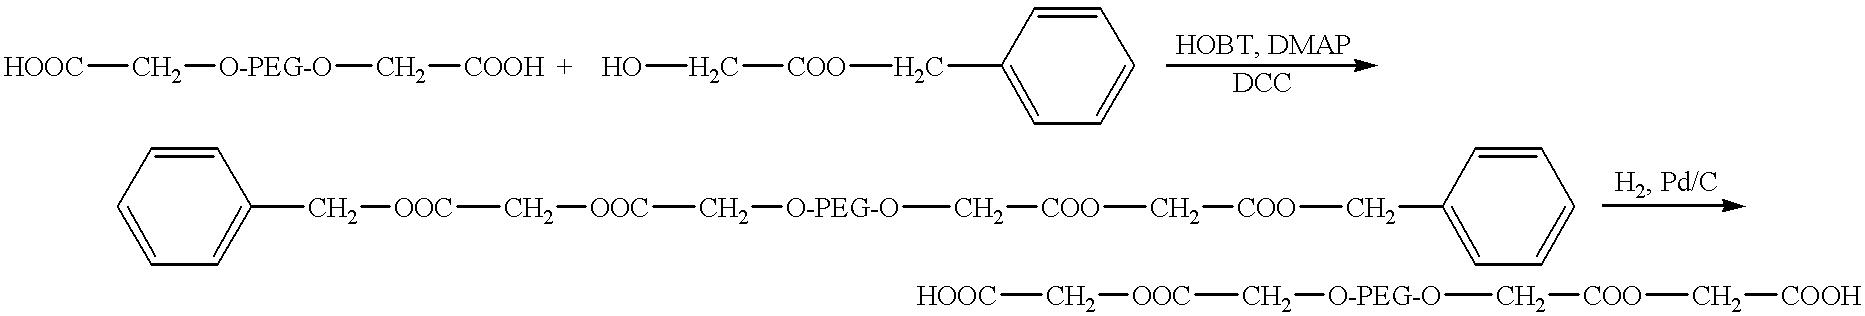 Figure US20010021763A1-20010913-C00003